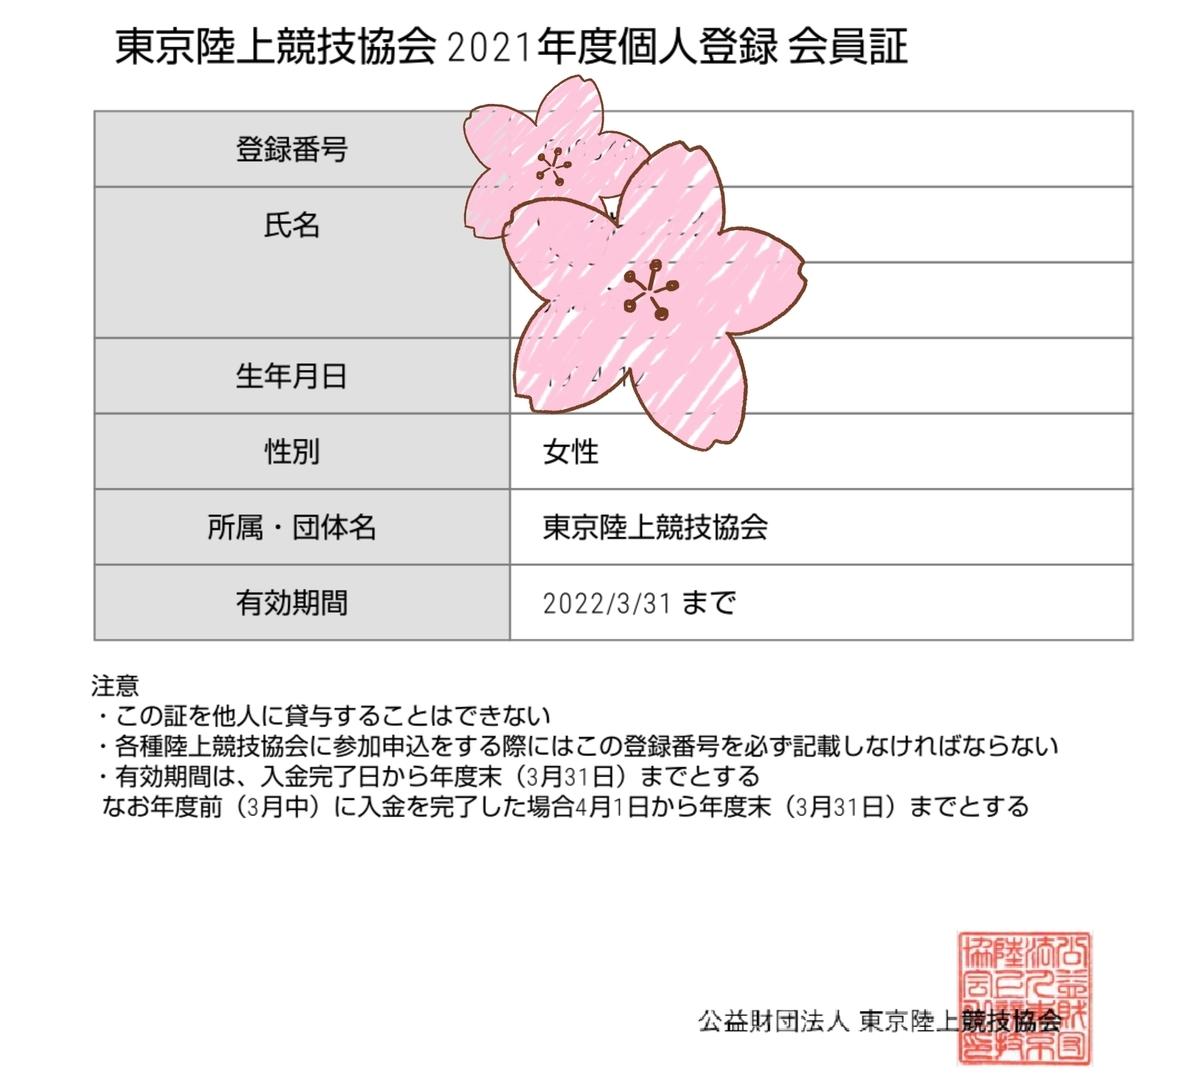 f:id:shukuzou:20210316145900j:plain